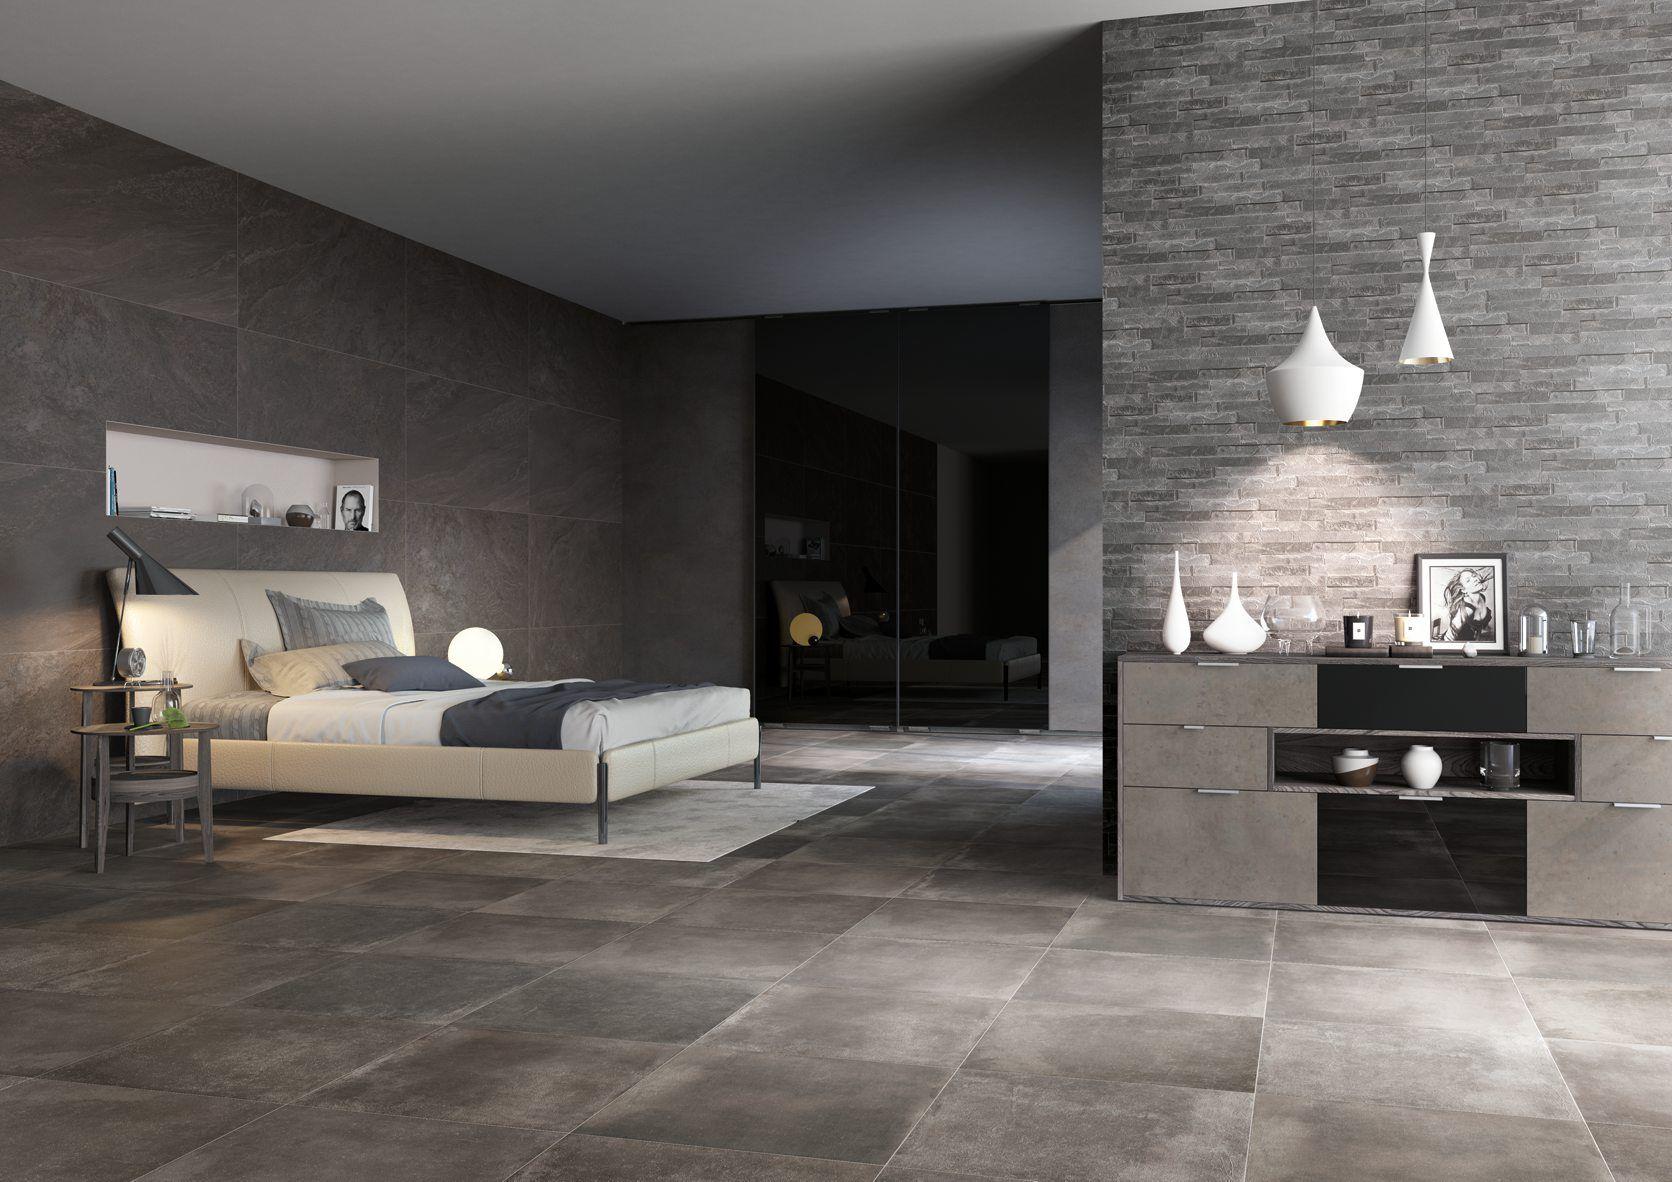 Un\'idea d\'arredo moderna per una camera da letto dai colori scuri e ...